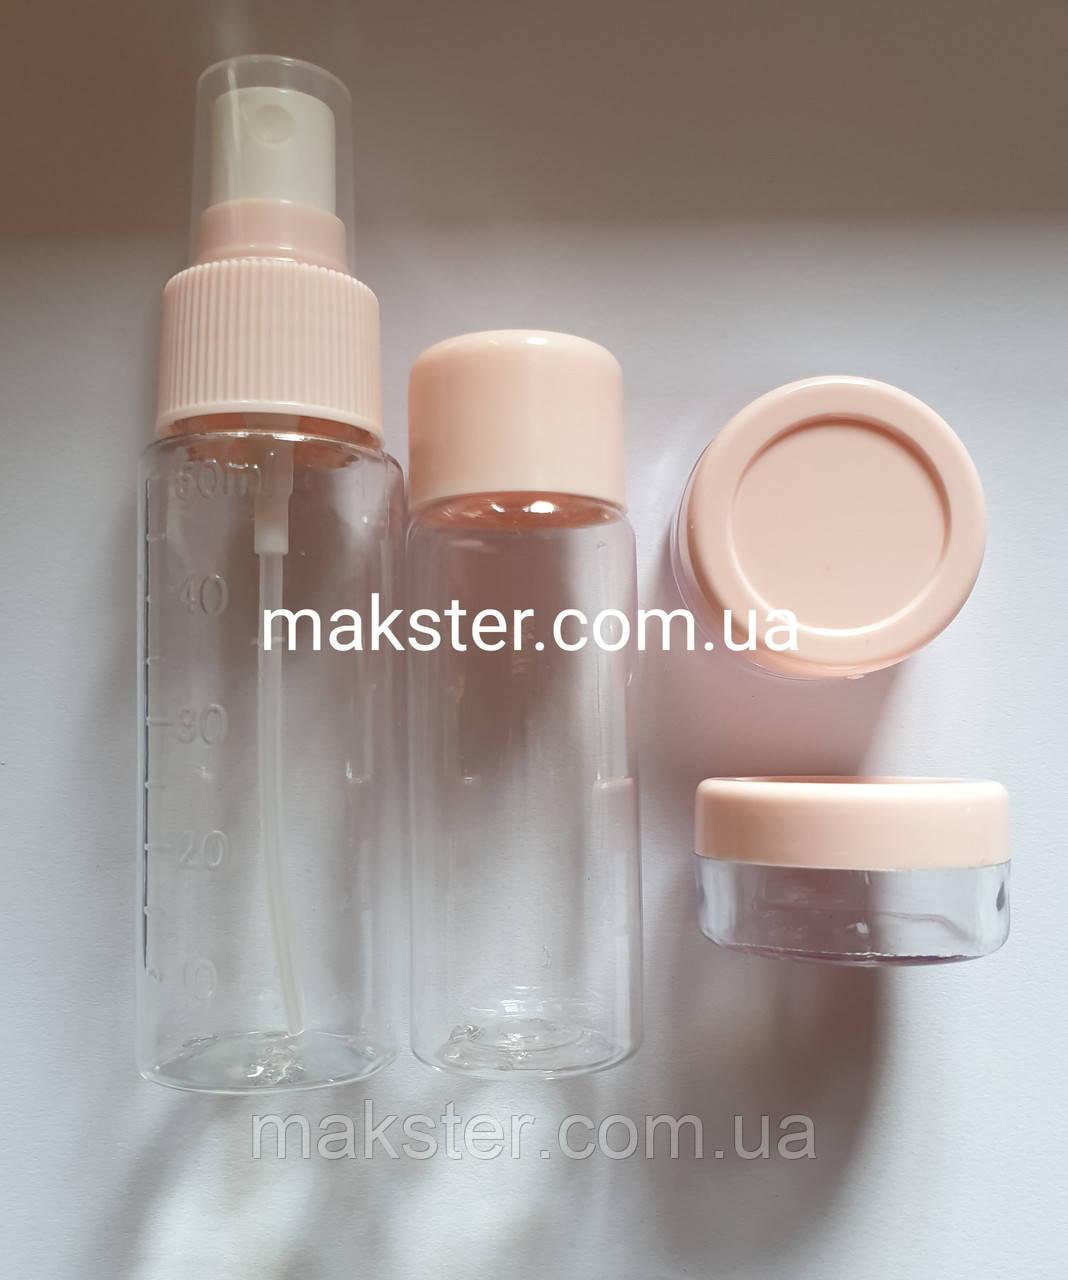 Дорожный набор флаконов и баночек для косметики 4 емкости в прозрачной косметичке